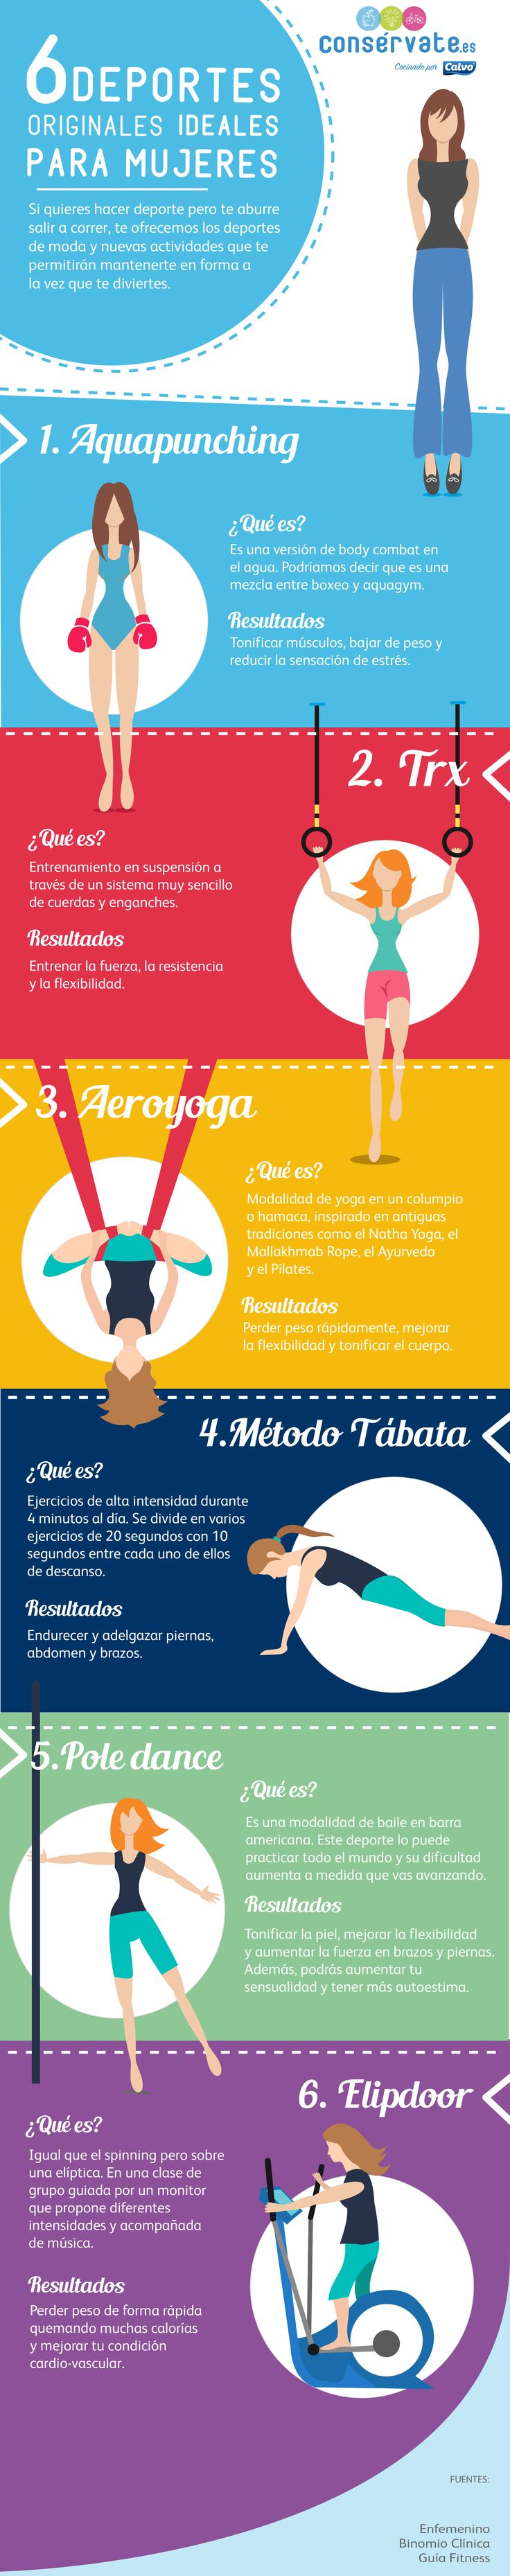 Infografía: 6 deportes originales ideales para mujeres